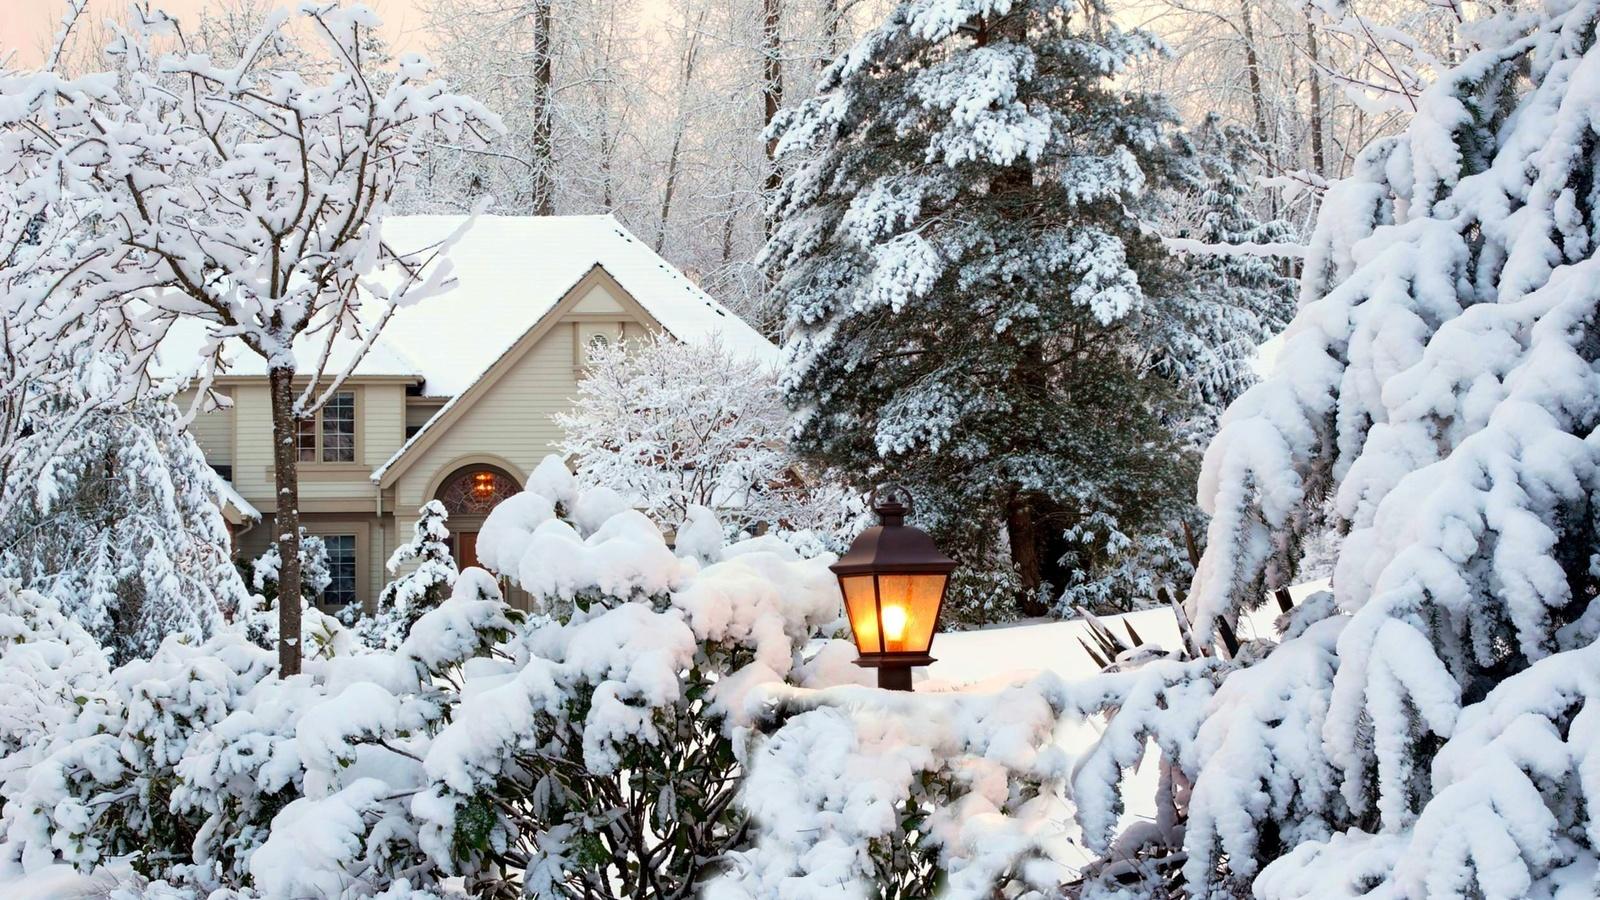 природа, зима, снег, дом, двор, деревья, ели, кусты, фонарь